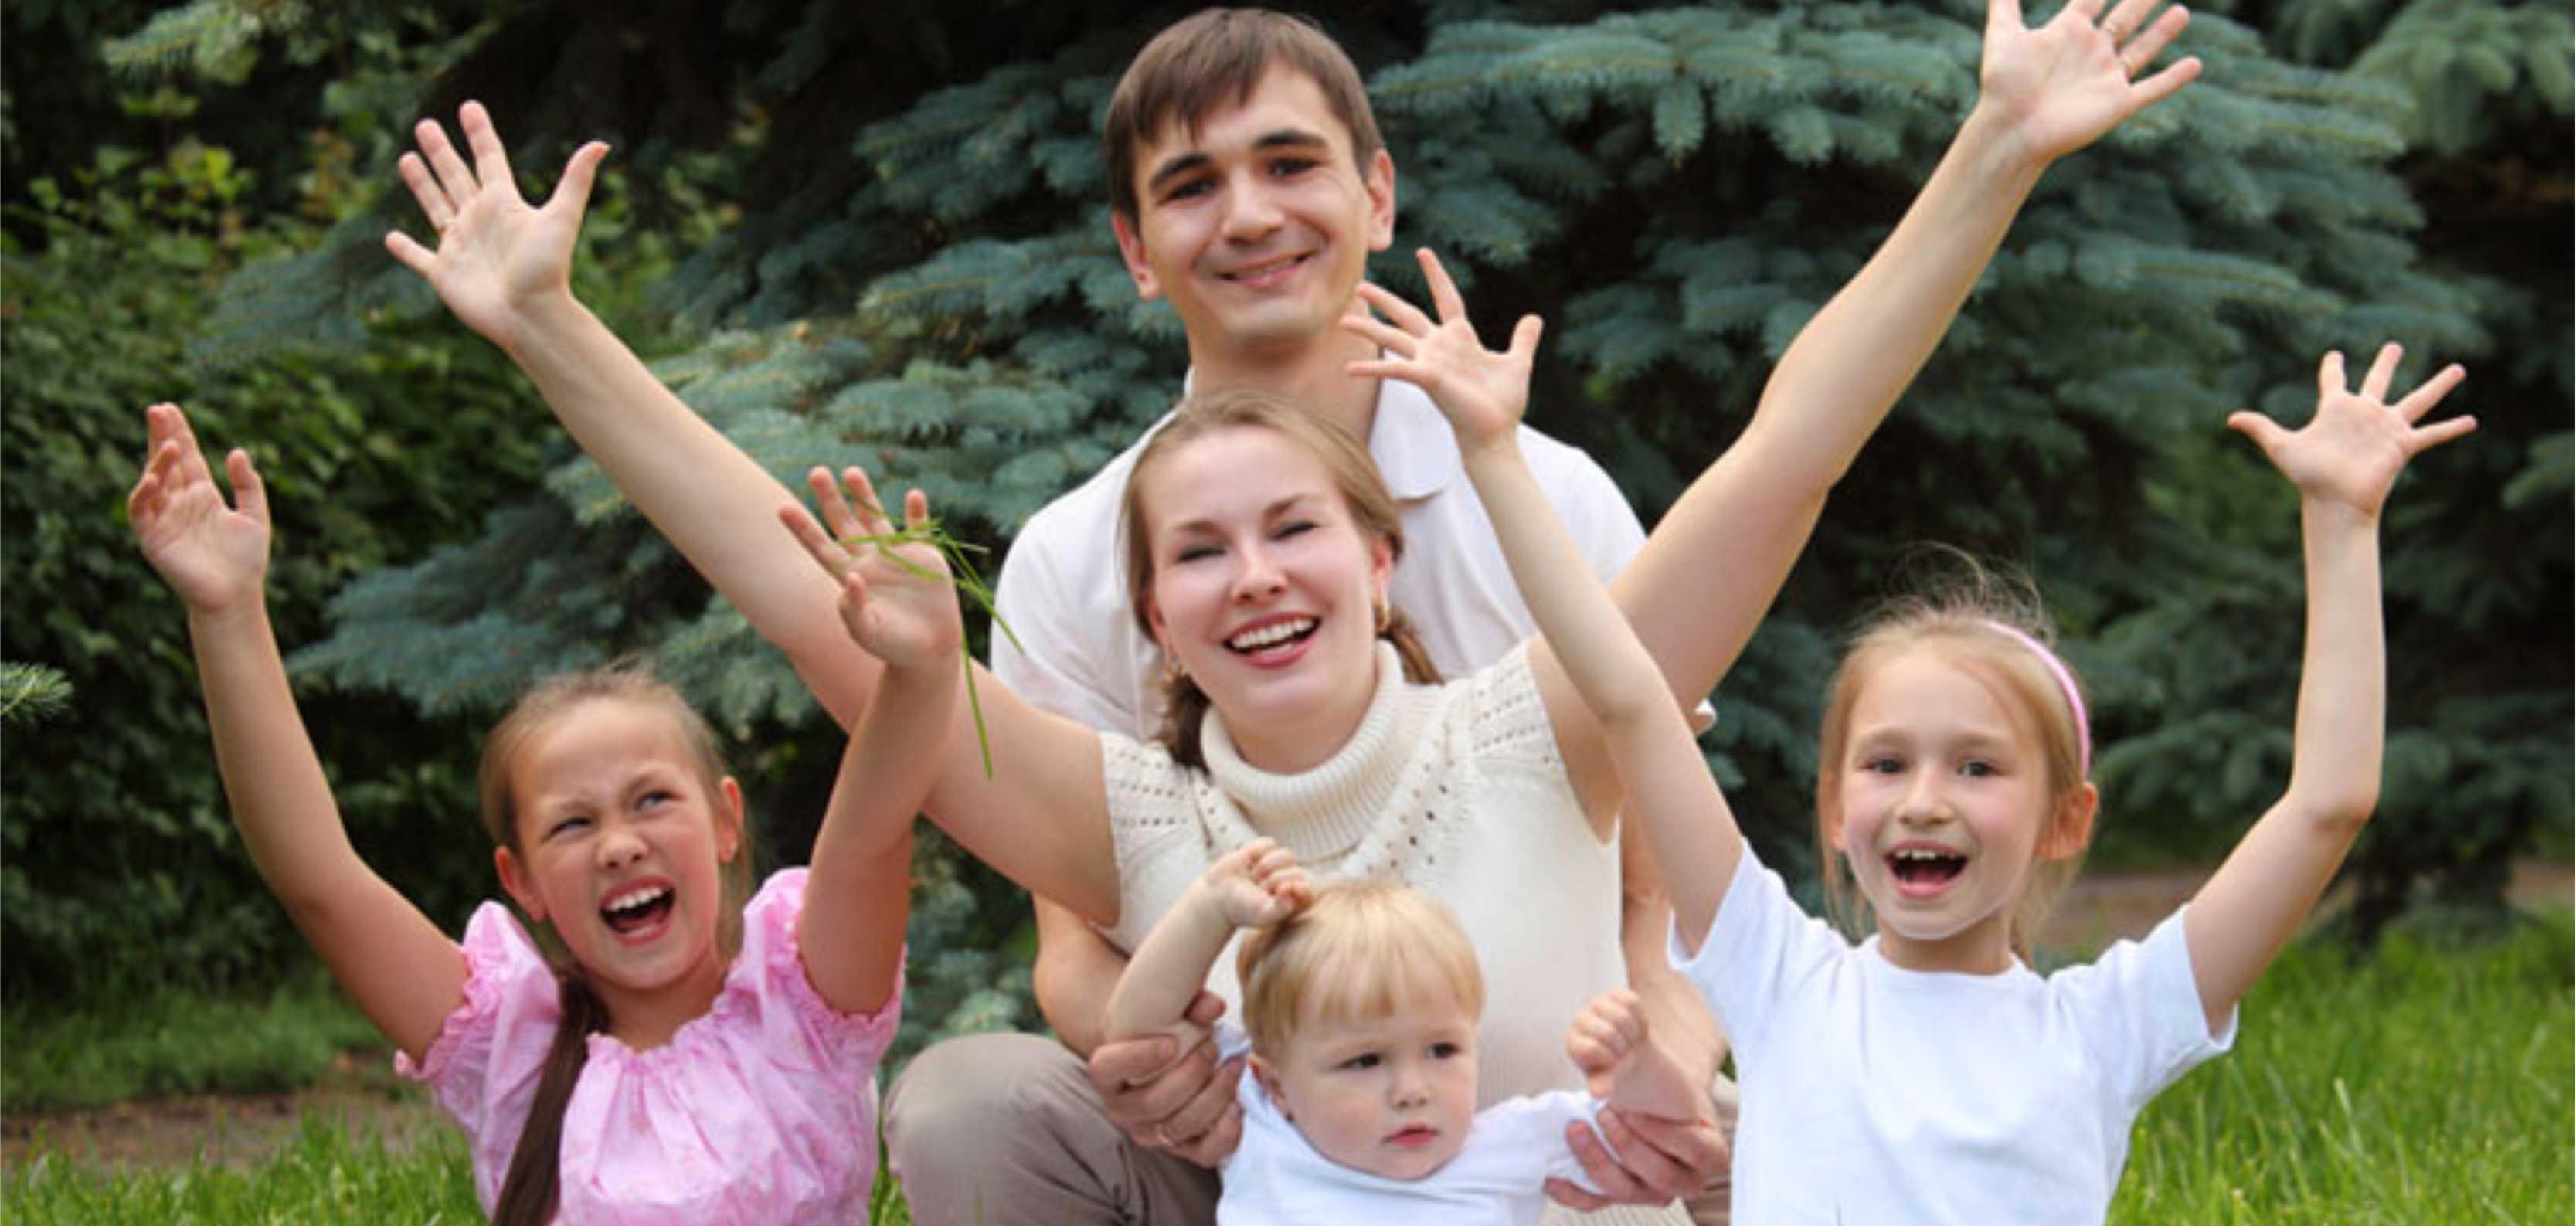 Фото победителей лучшая многодетная семья в оренбурге 2014 6